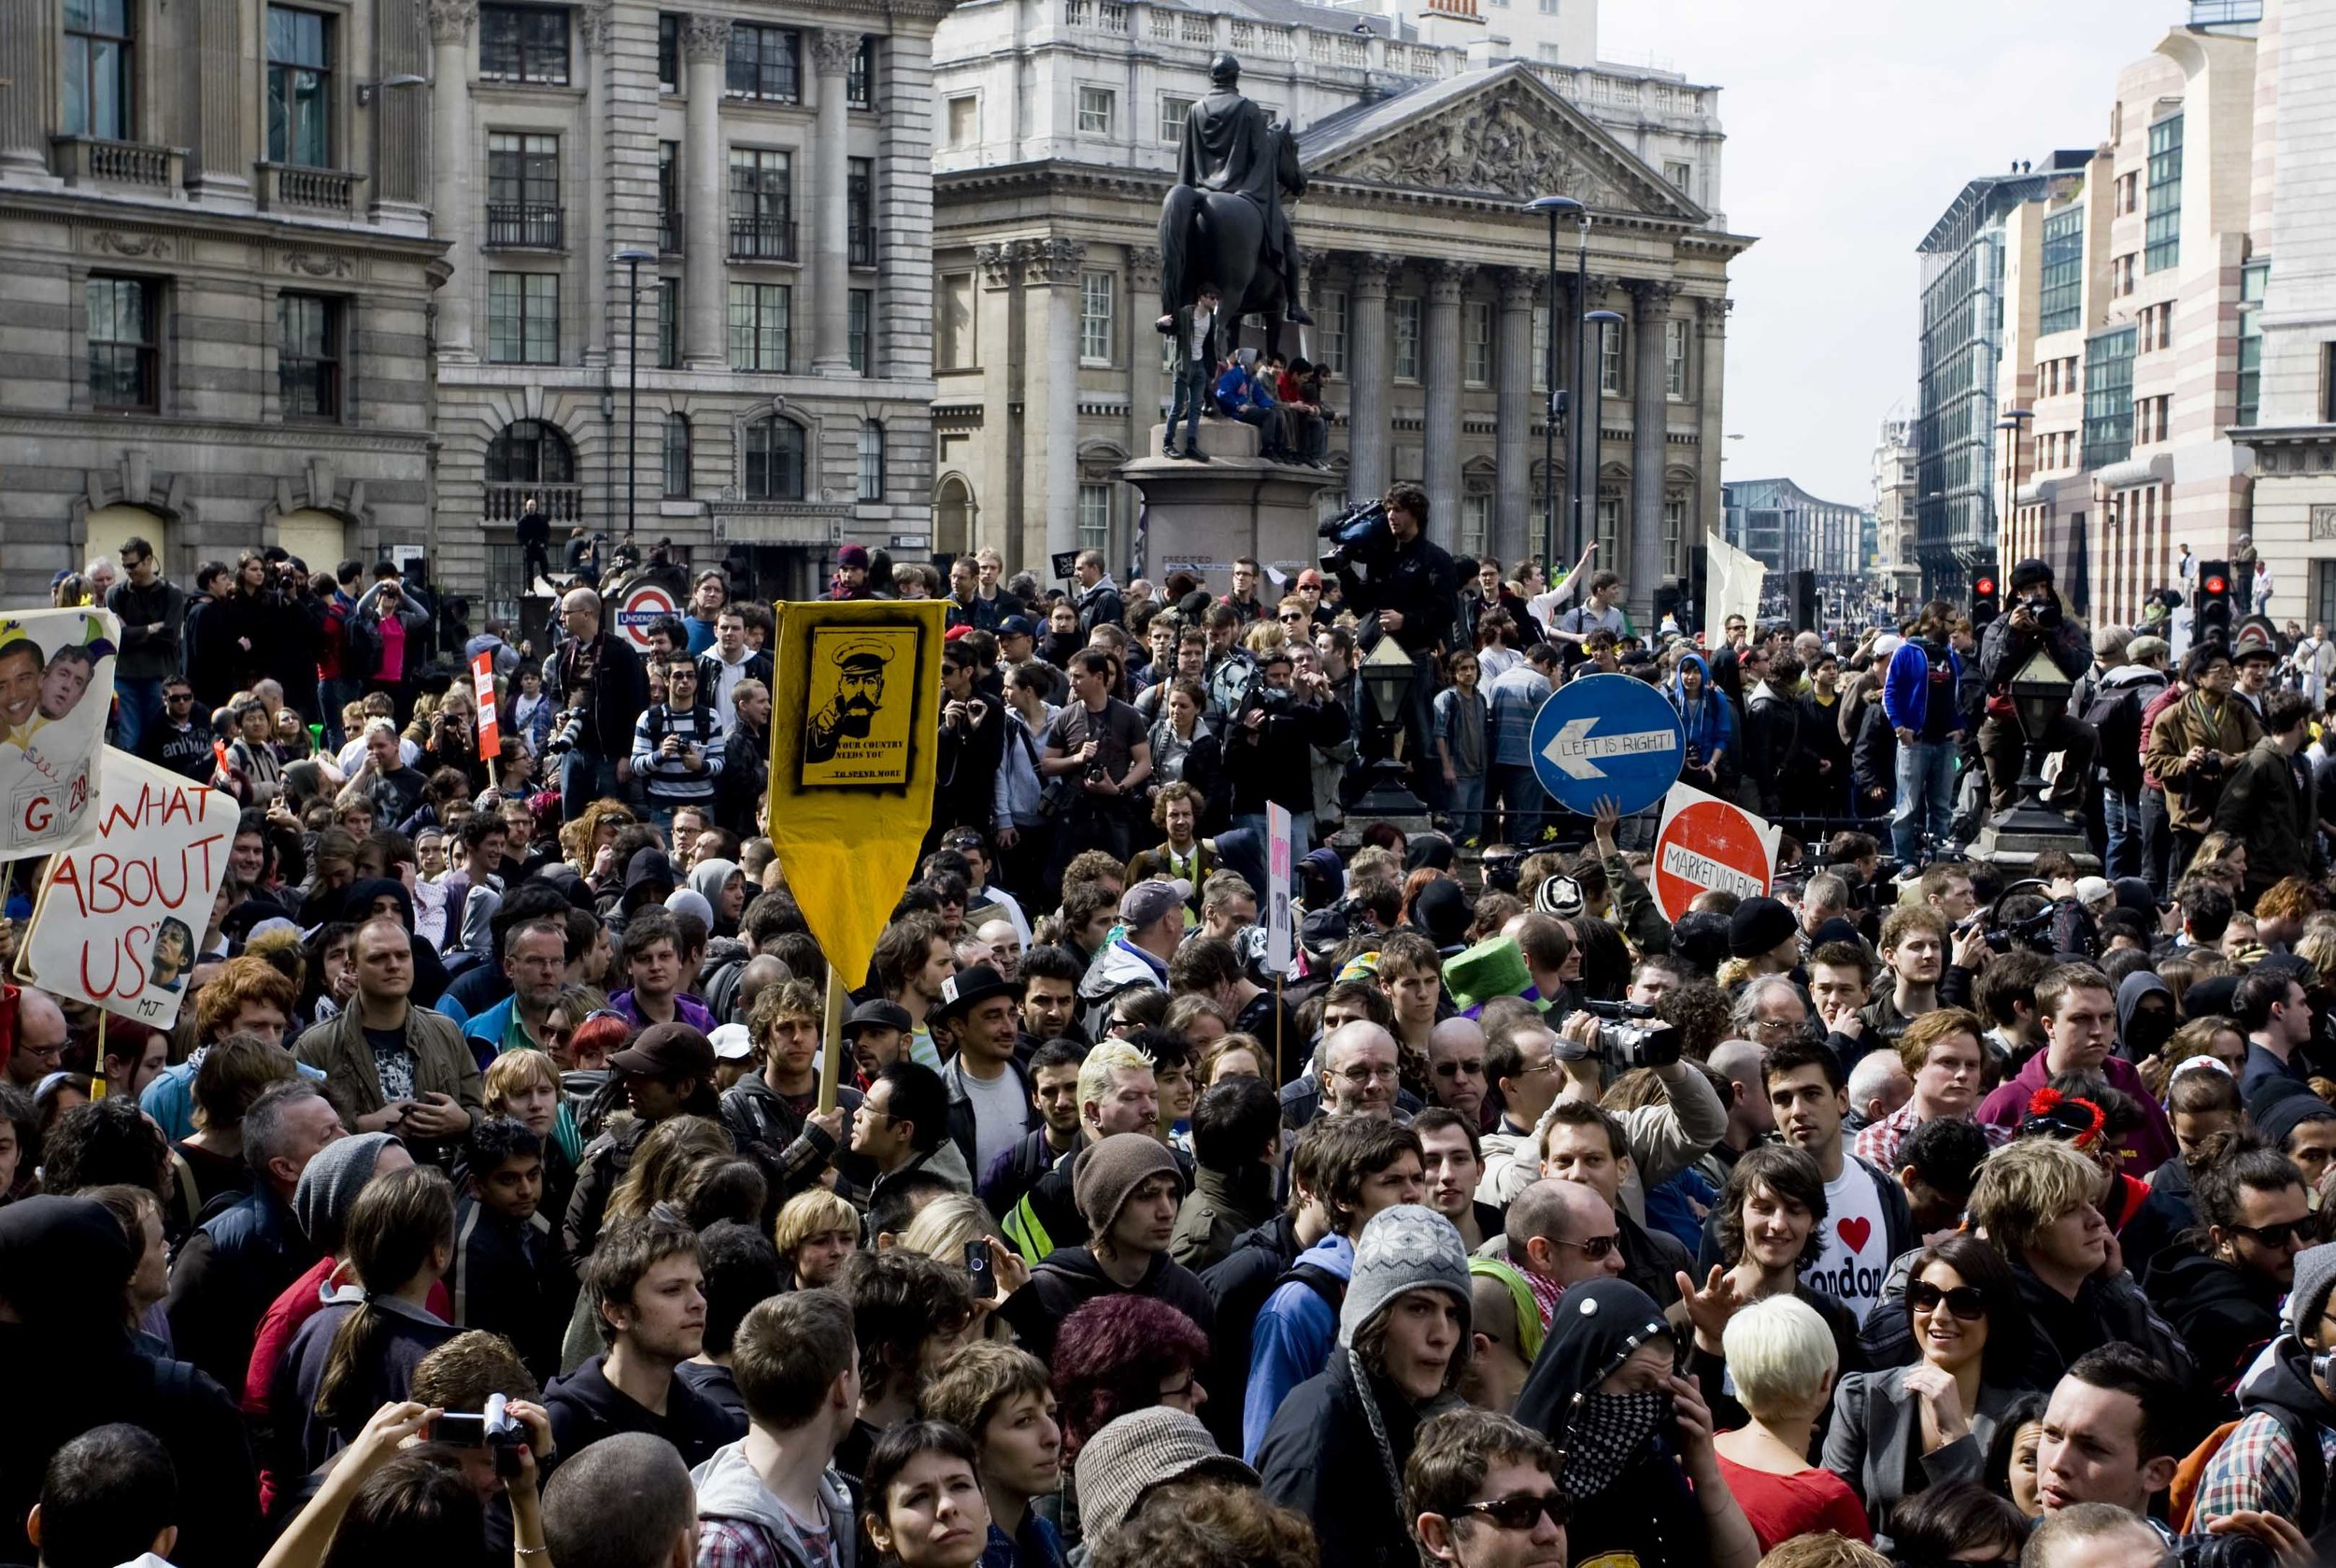 G20_crowd.jpg